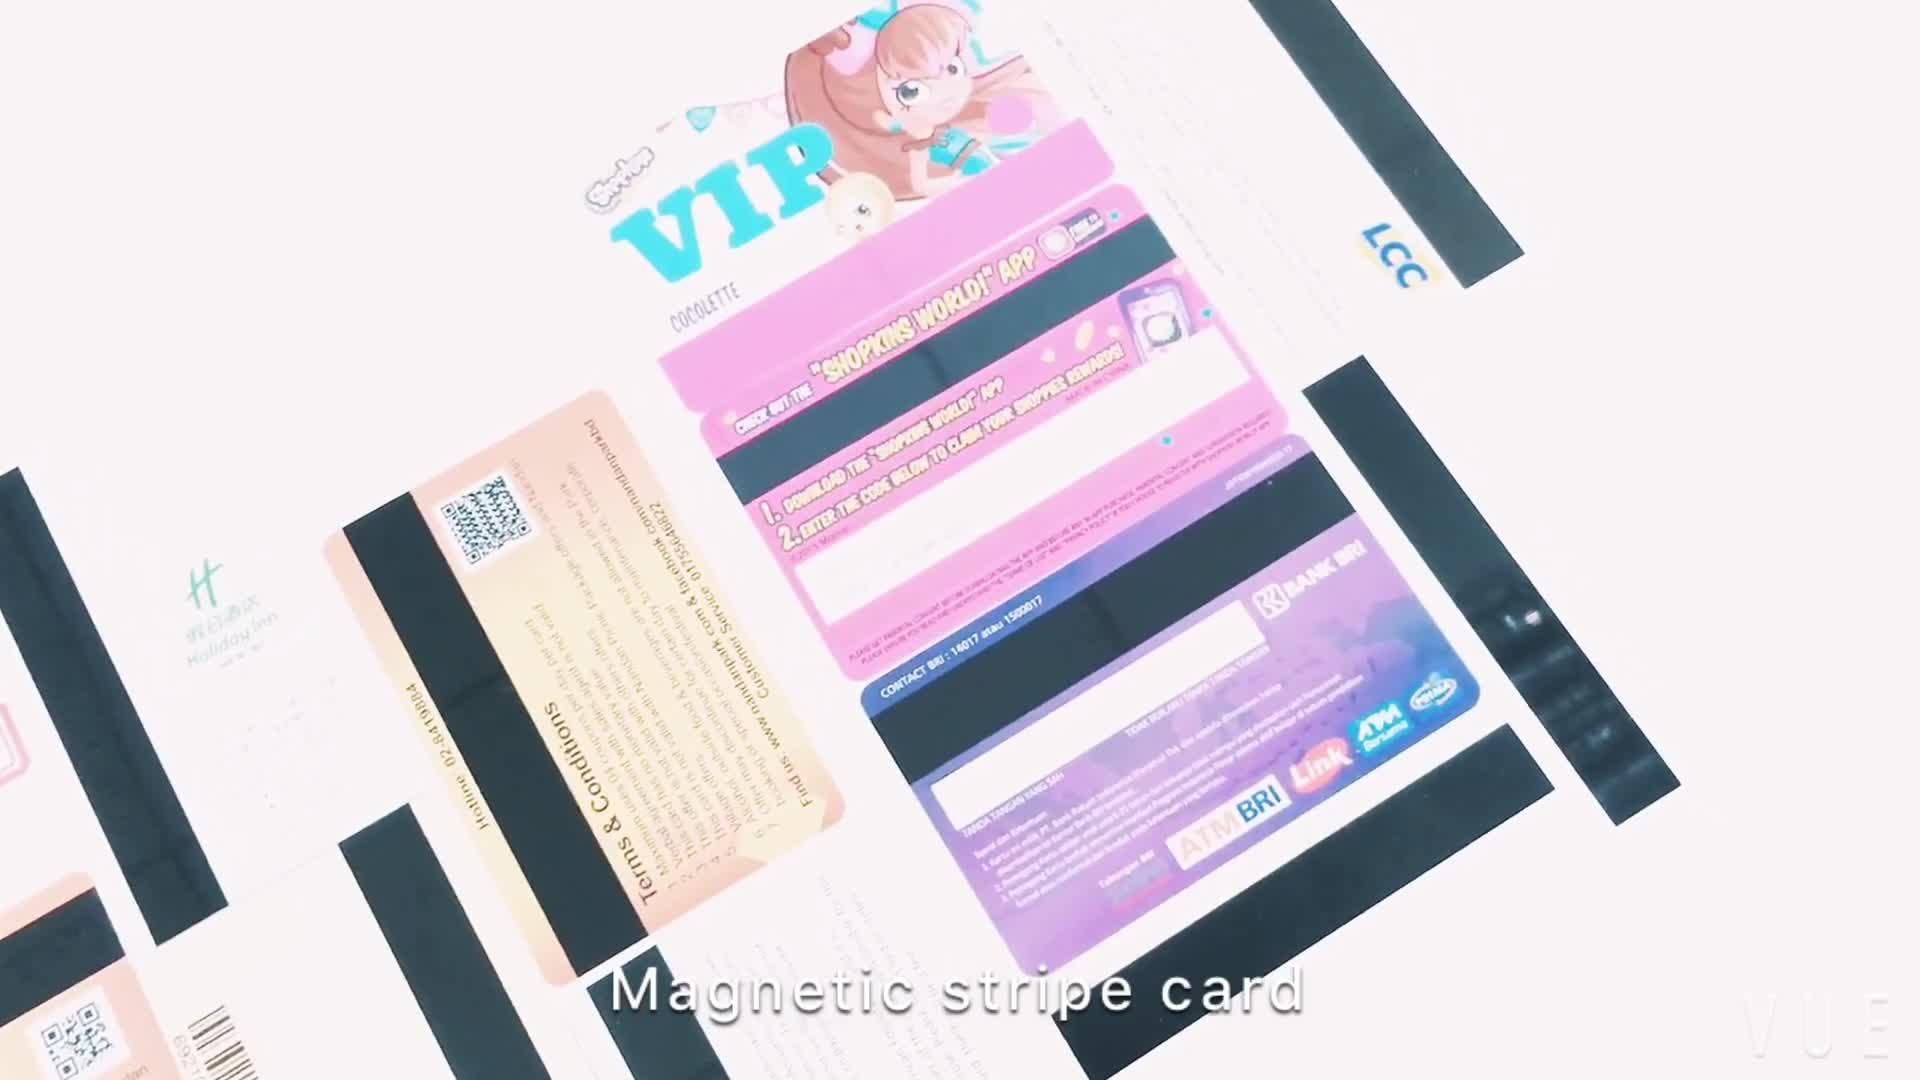 Fonte da fábrica amostra grátis CR80 cartão de presente personalizado de plástico com tarja magnética